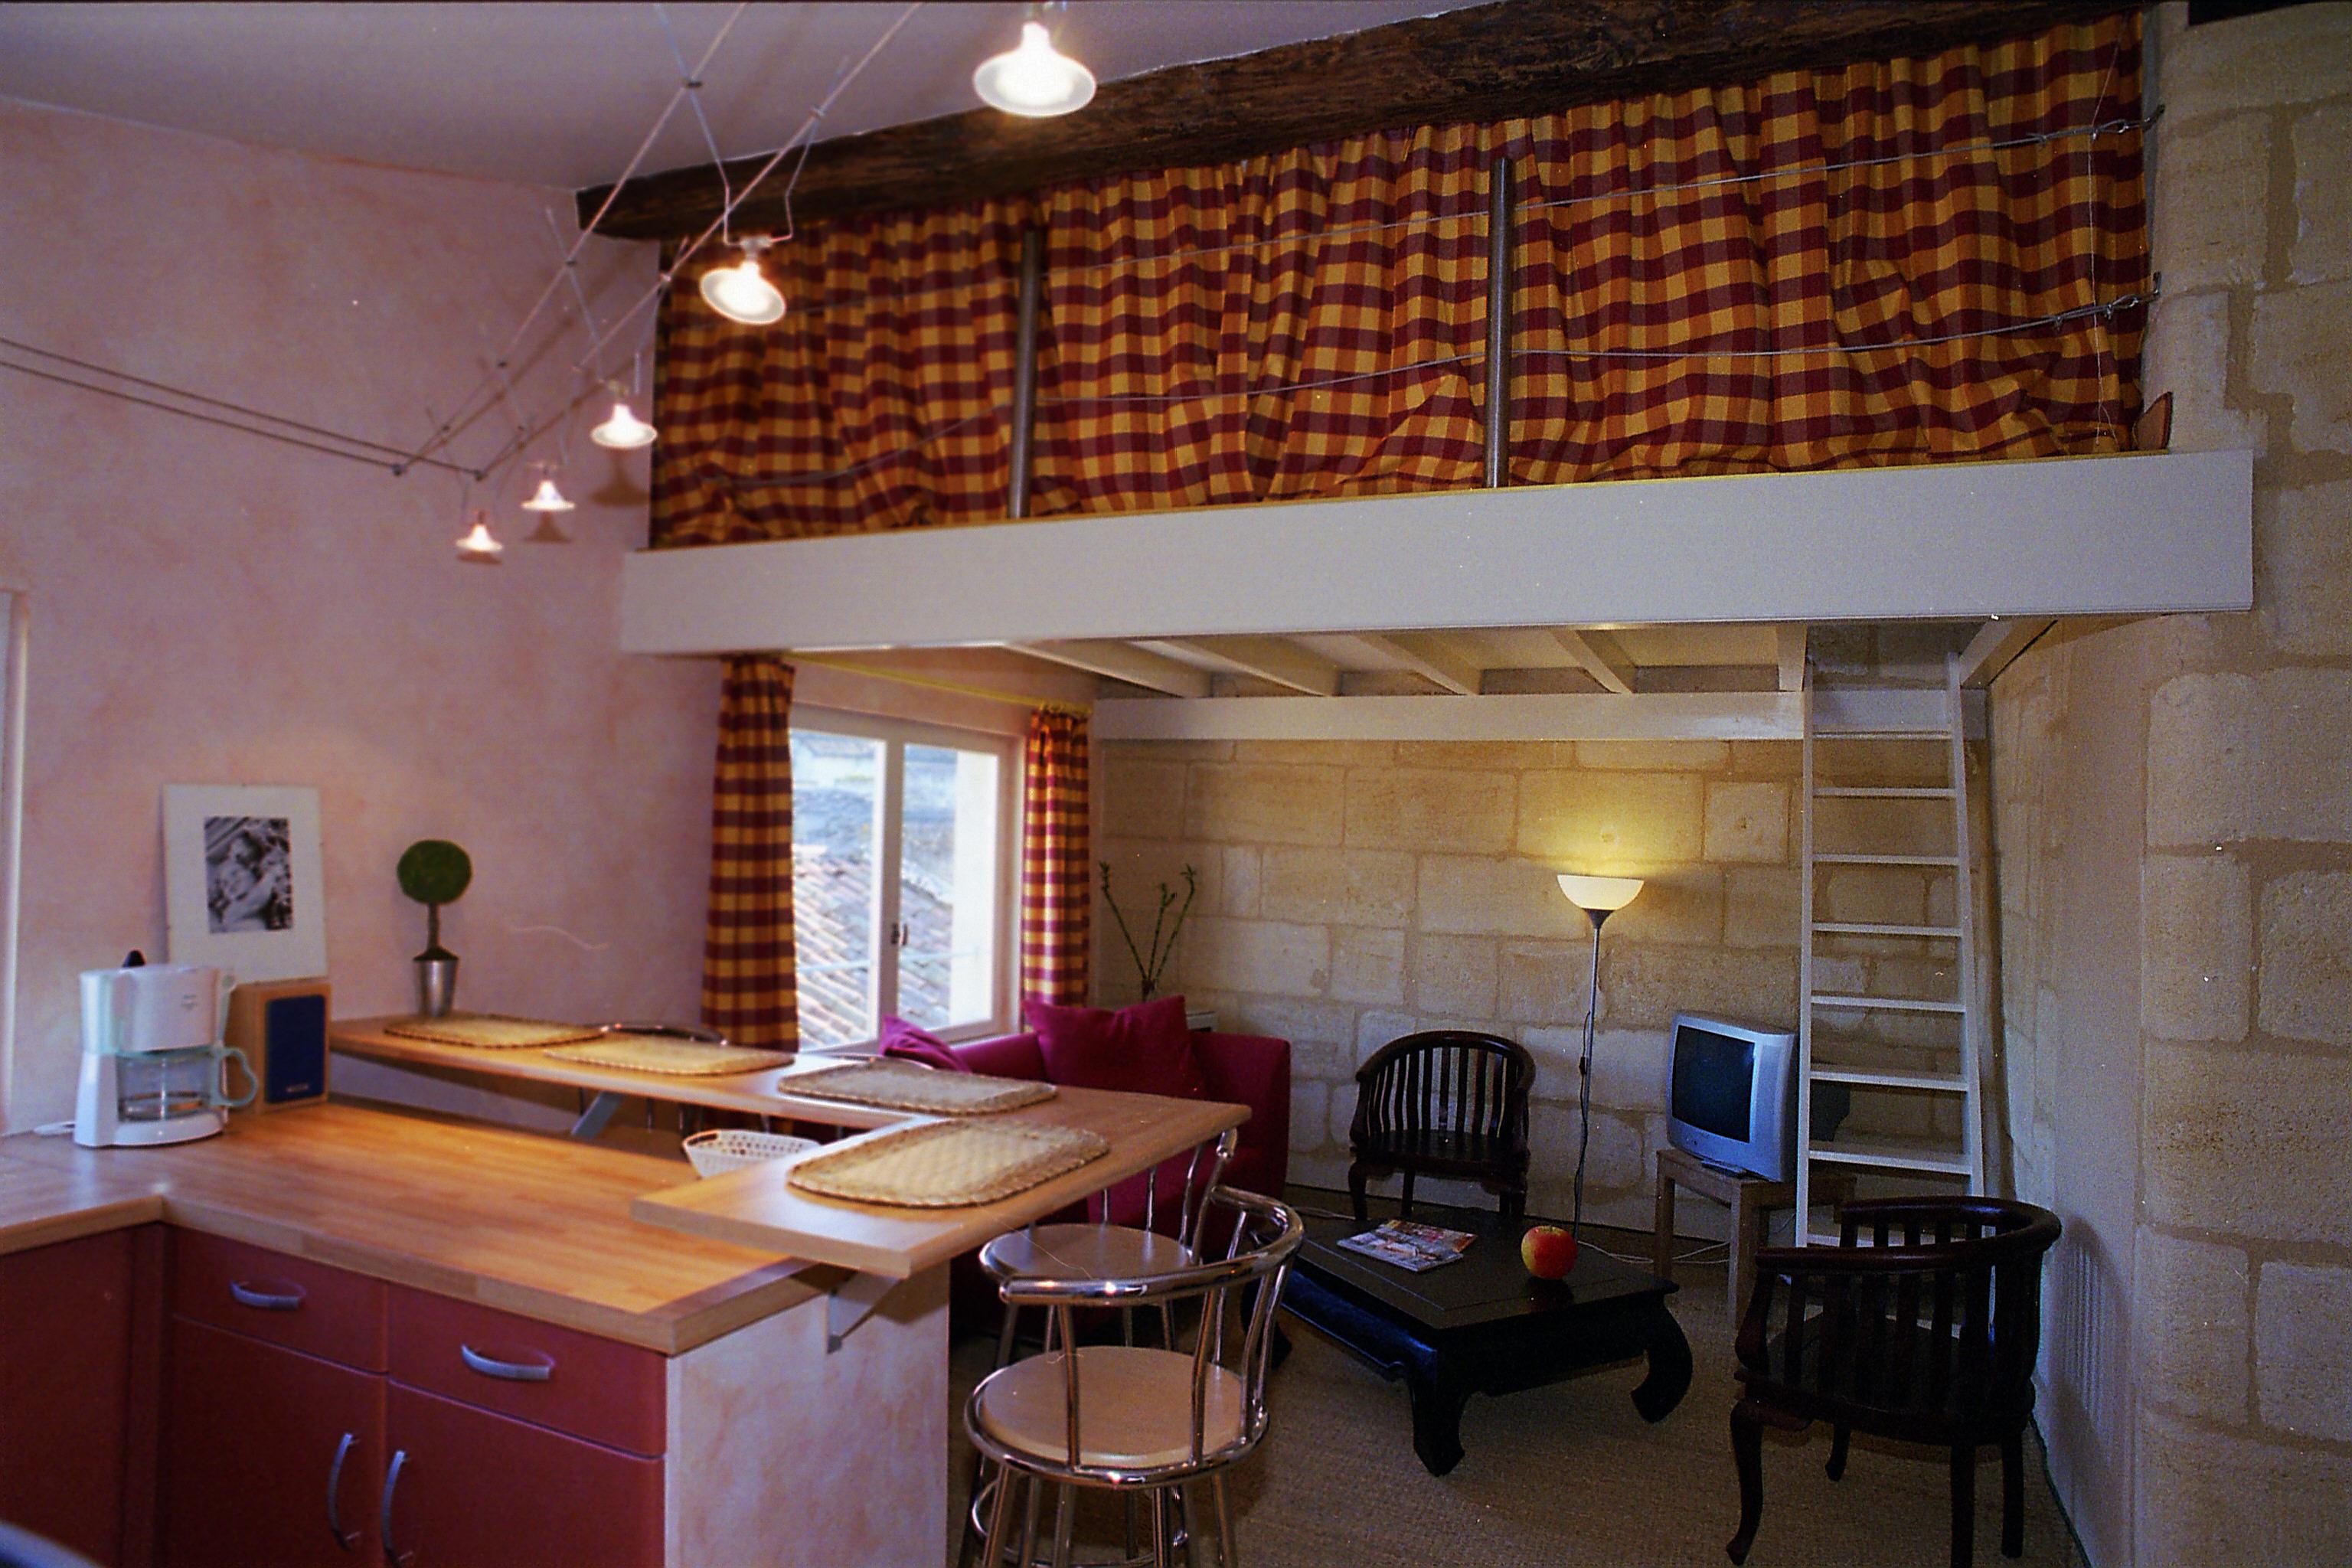 Chambres d 39 h tes centre ville saint emilion - Chambres d hotes chartres centre ville ...